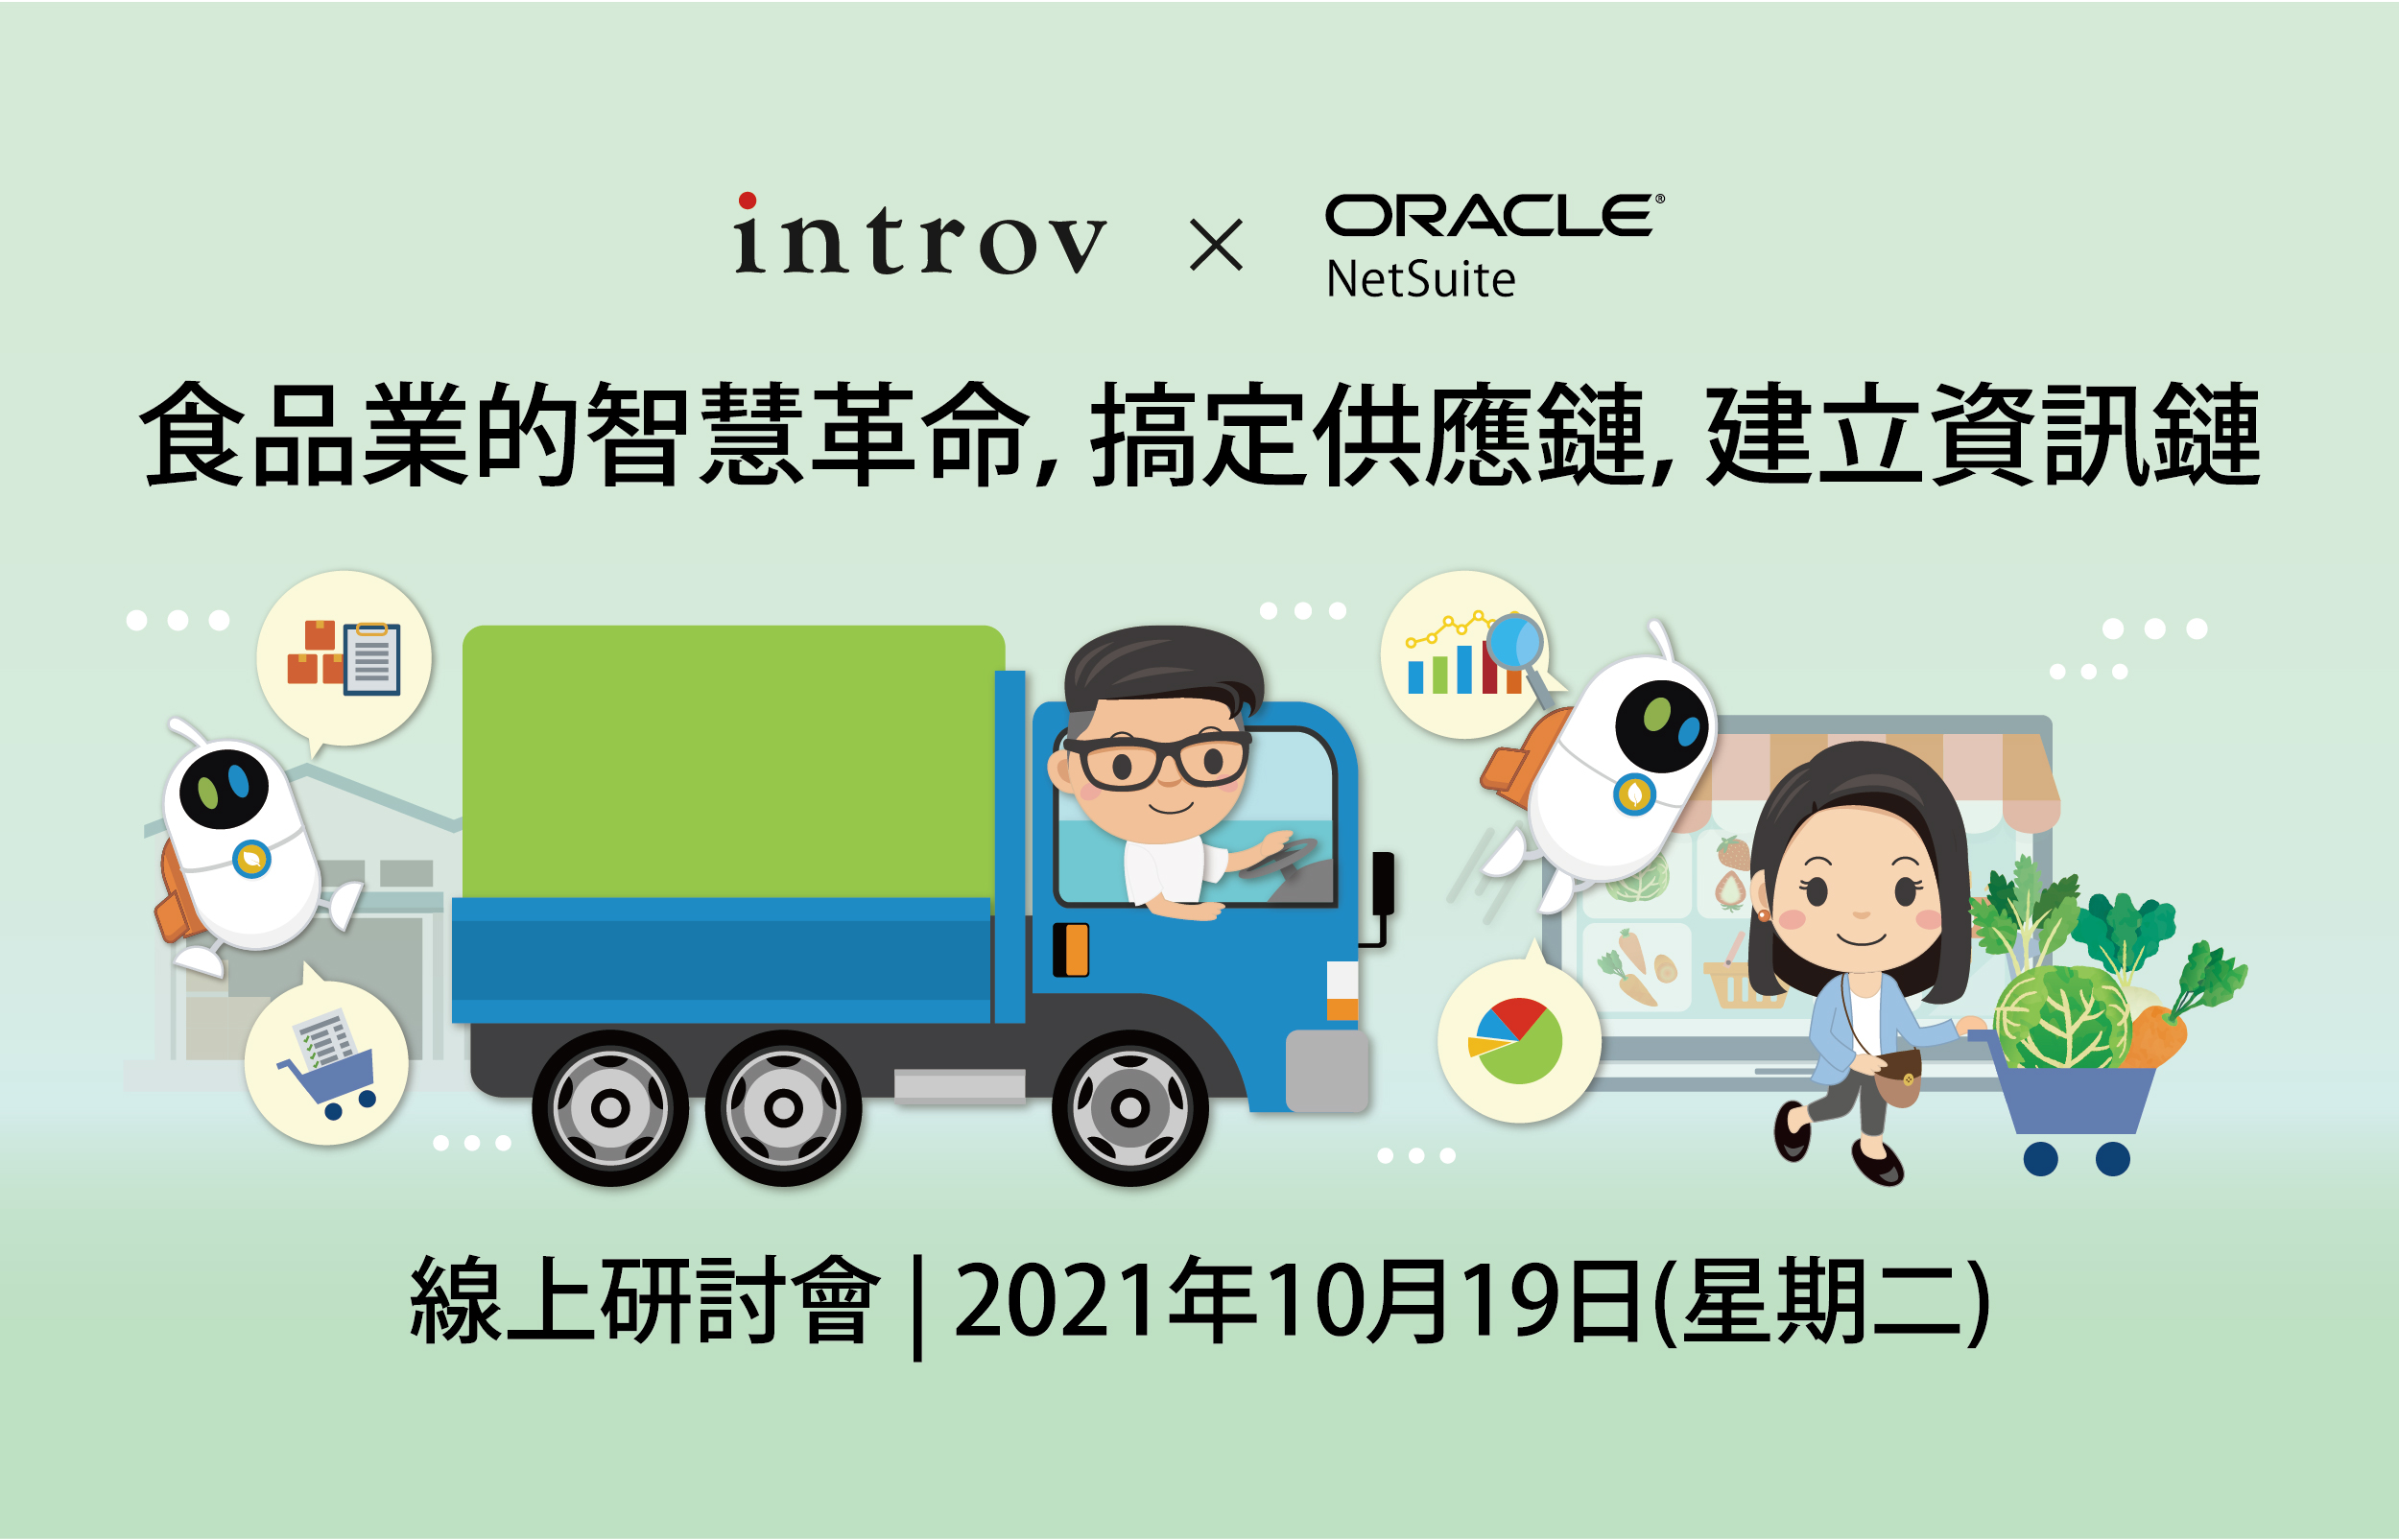 [線上研討會] 食品業的智慧革命 – 搞定供應鏈,建立資訊鏈 (2021年10月19日)